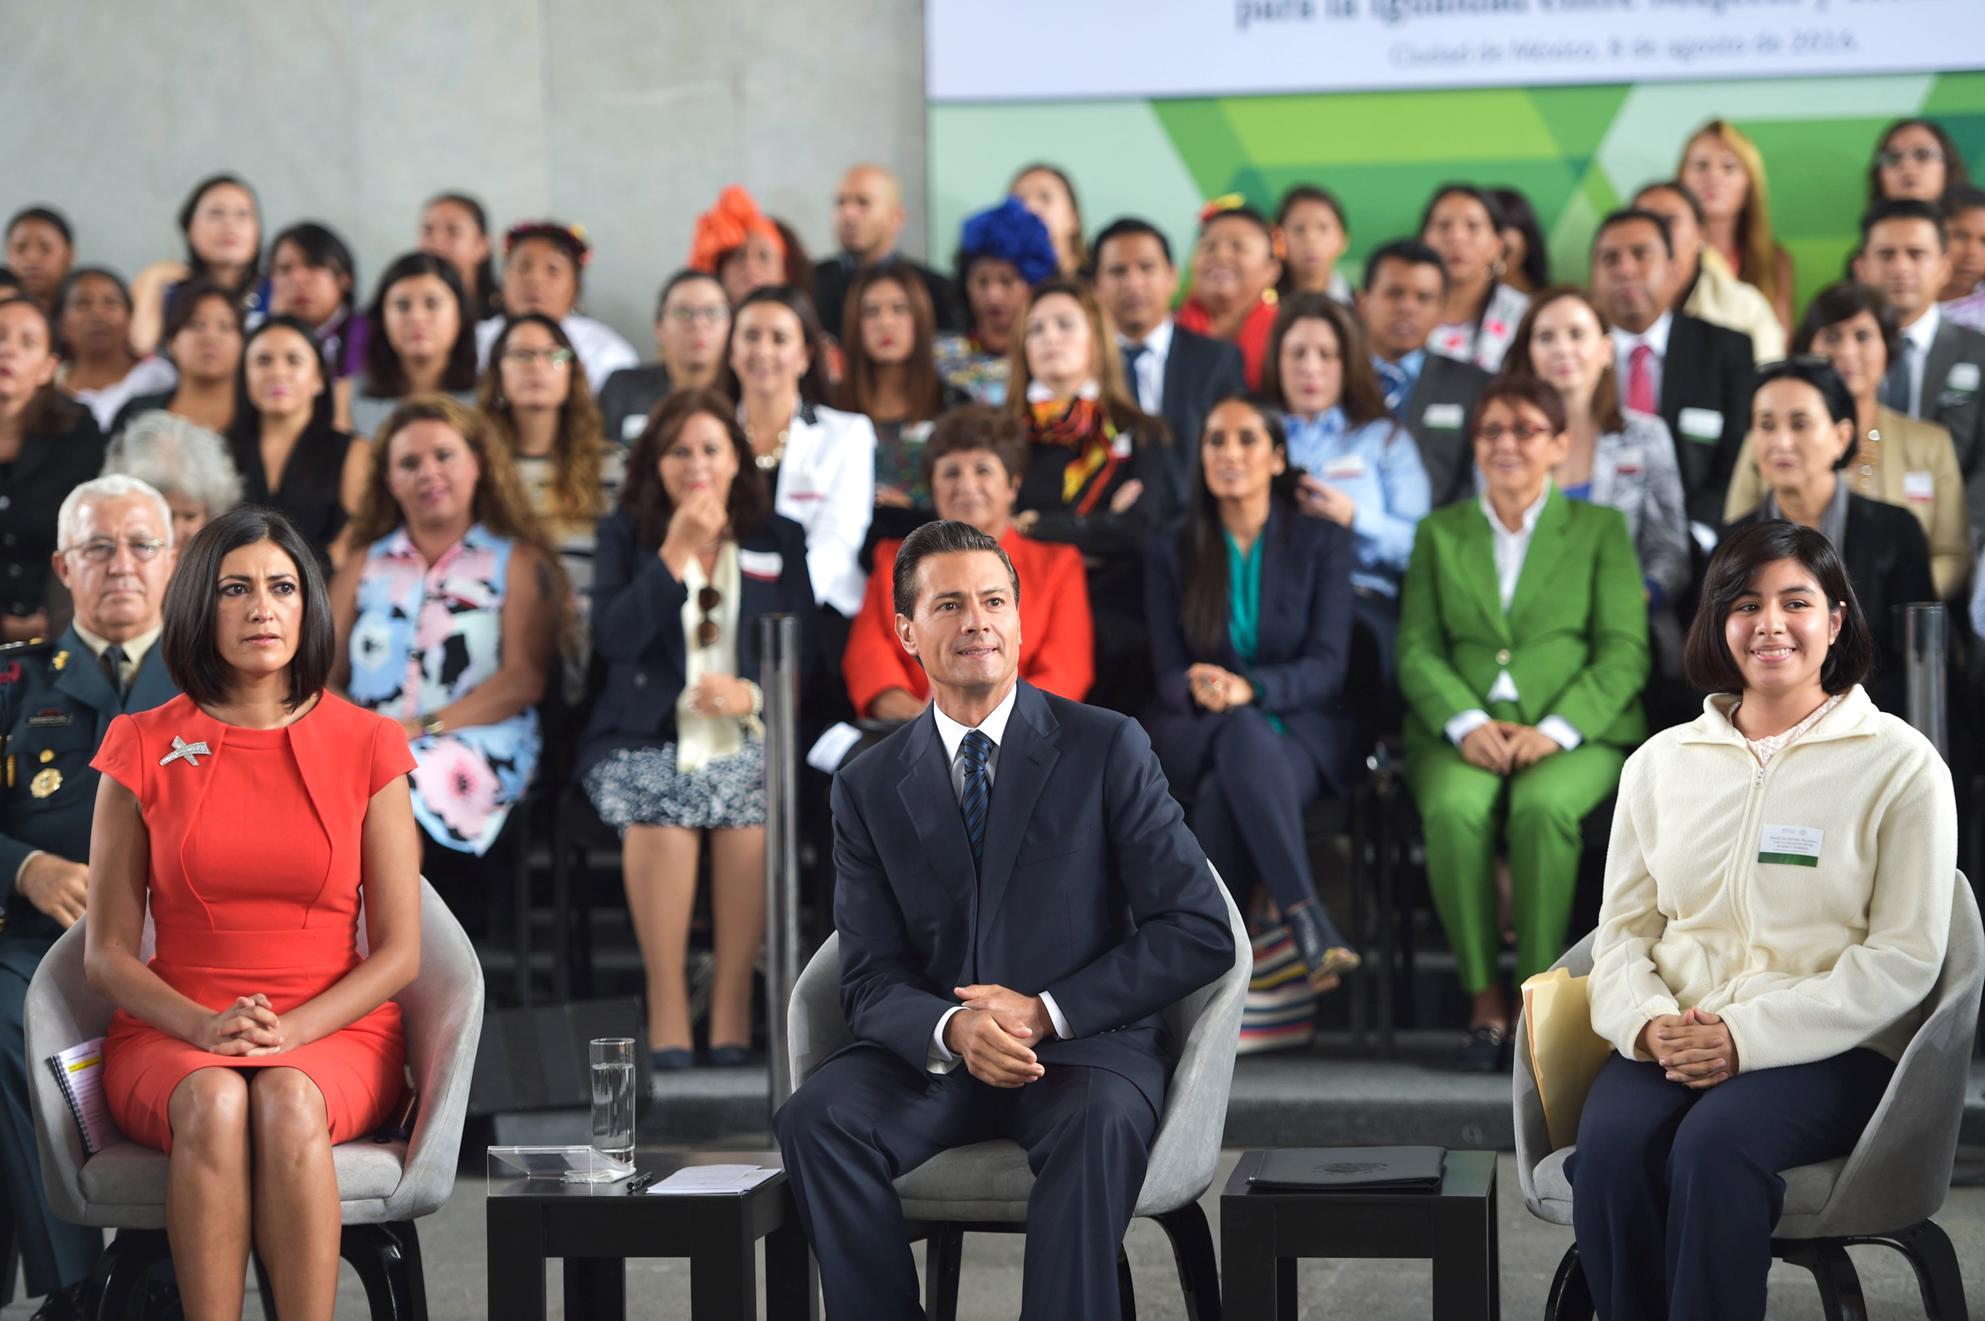 """""""Aún nos falta mucho más por alcanzar, pero si logramos poner por delante el compromiso y la voluntad política para impulsar los cambios y las transformaciones, sí es posible lograr un México de mayor igualdad entre hombre y mujeres"""": EPN"""